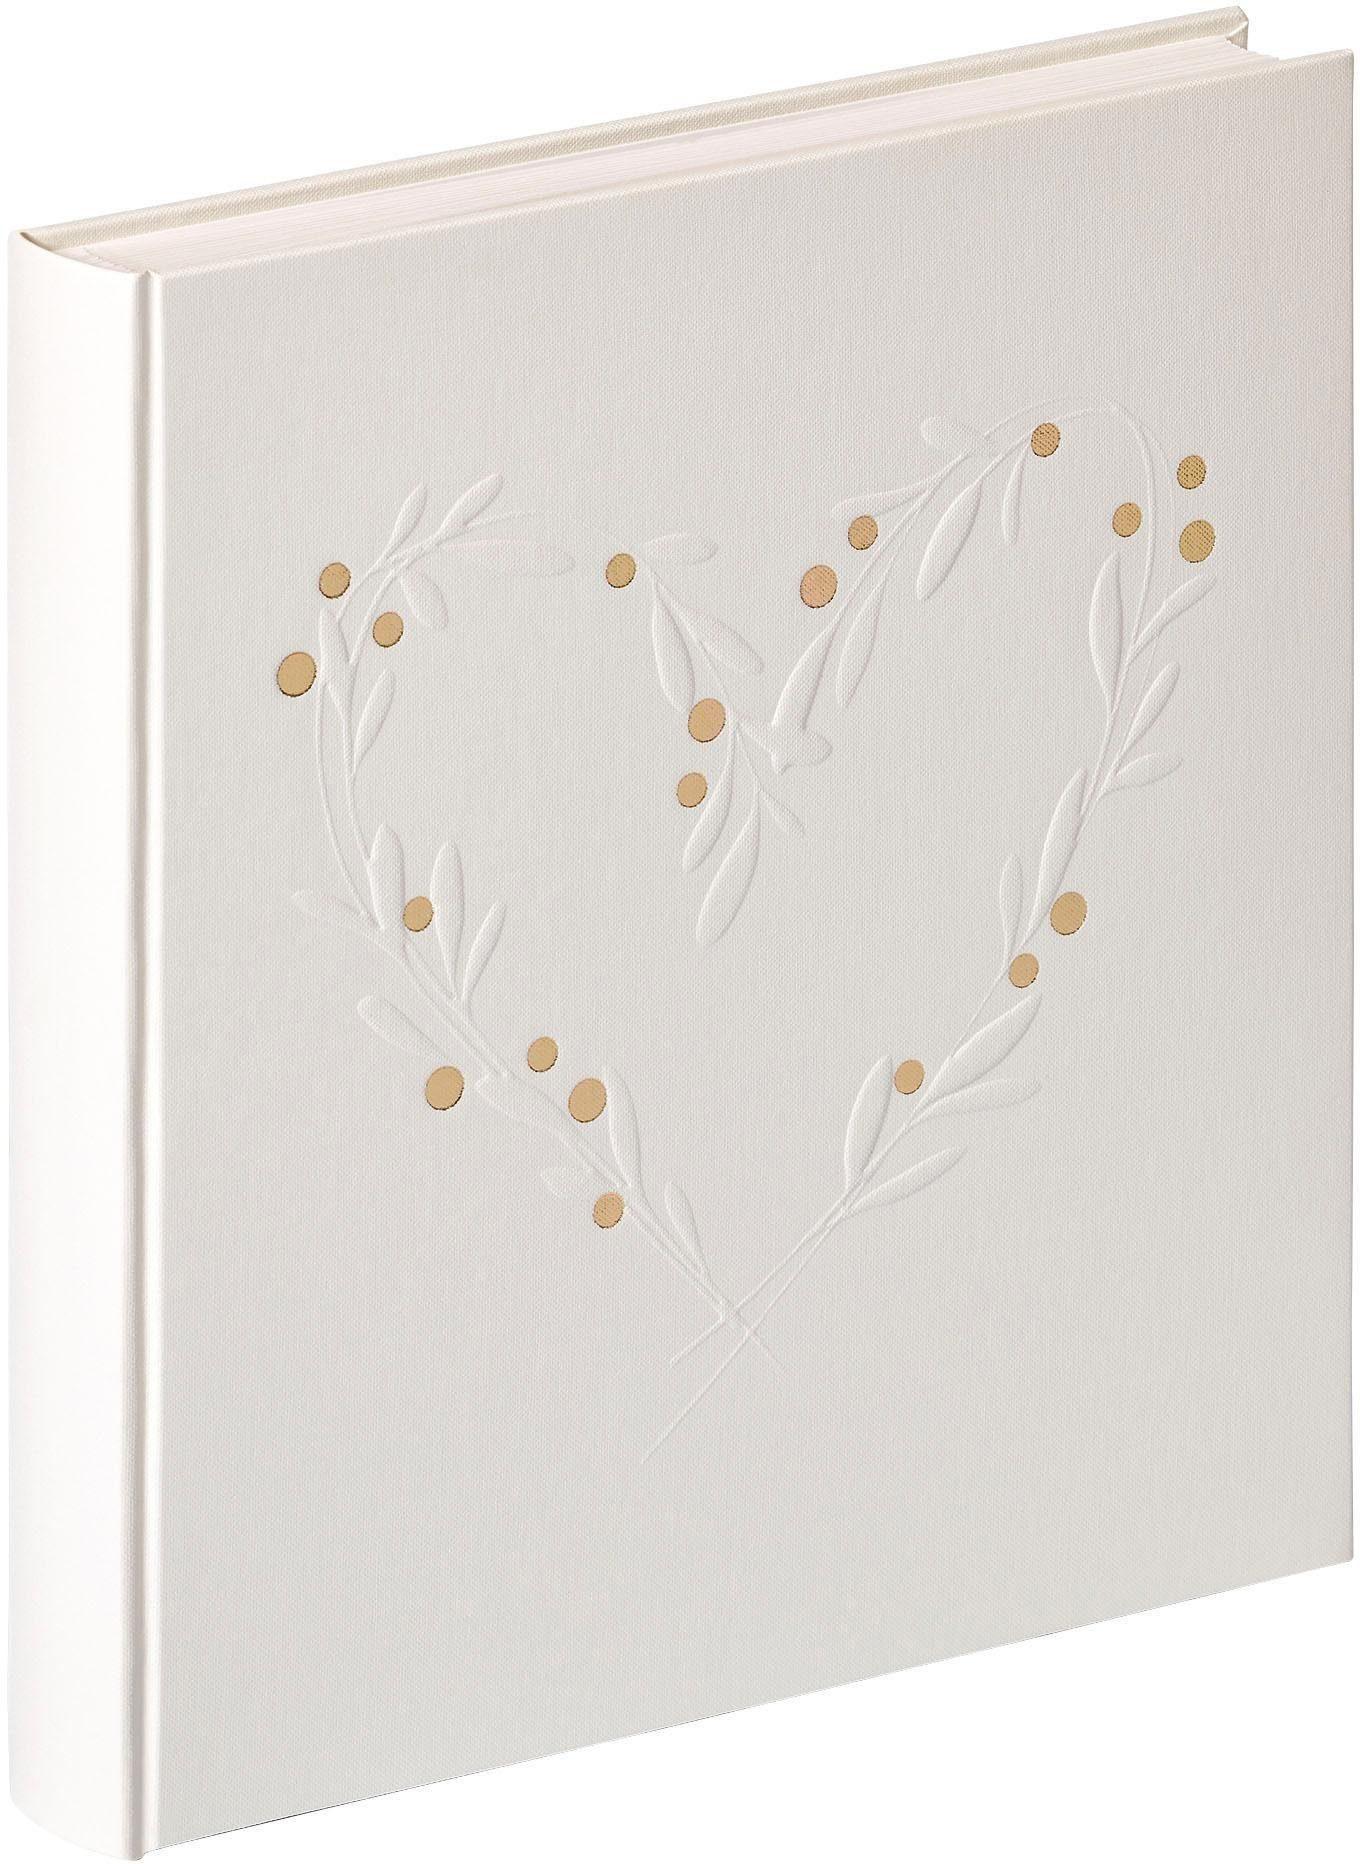 Home affaire Hochzeitsalbum »Sentimental«, 28x30,5 cm